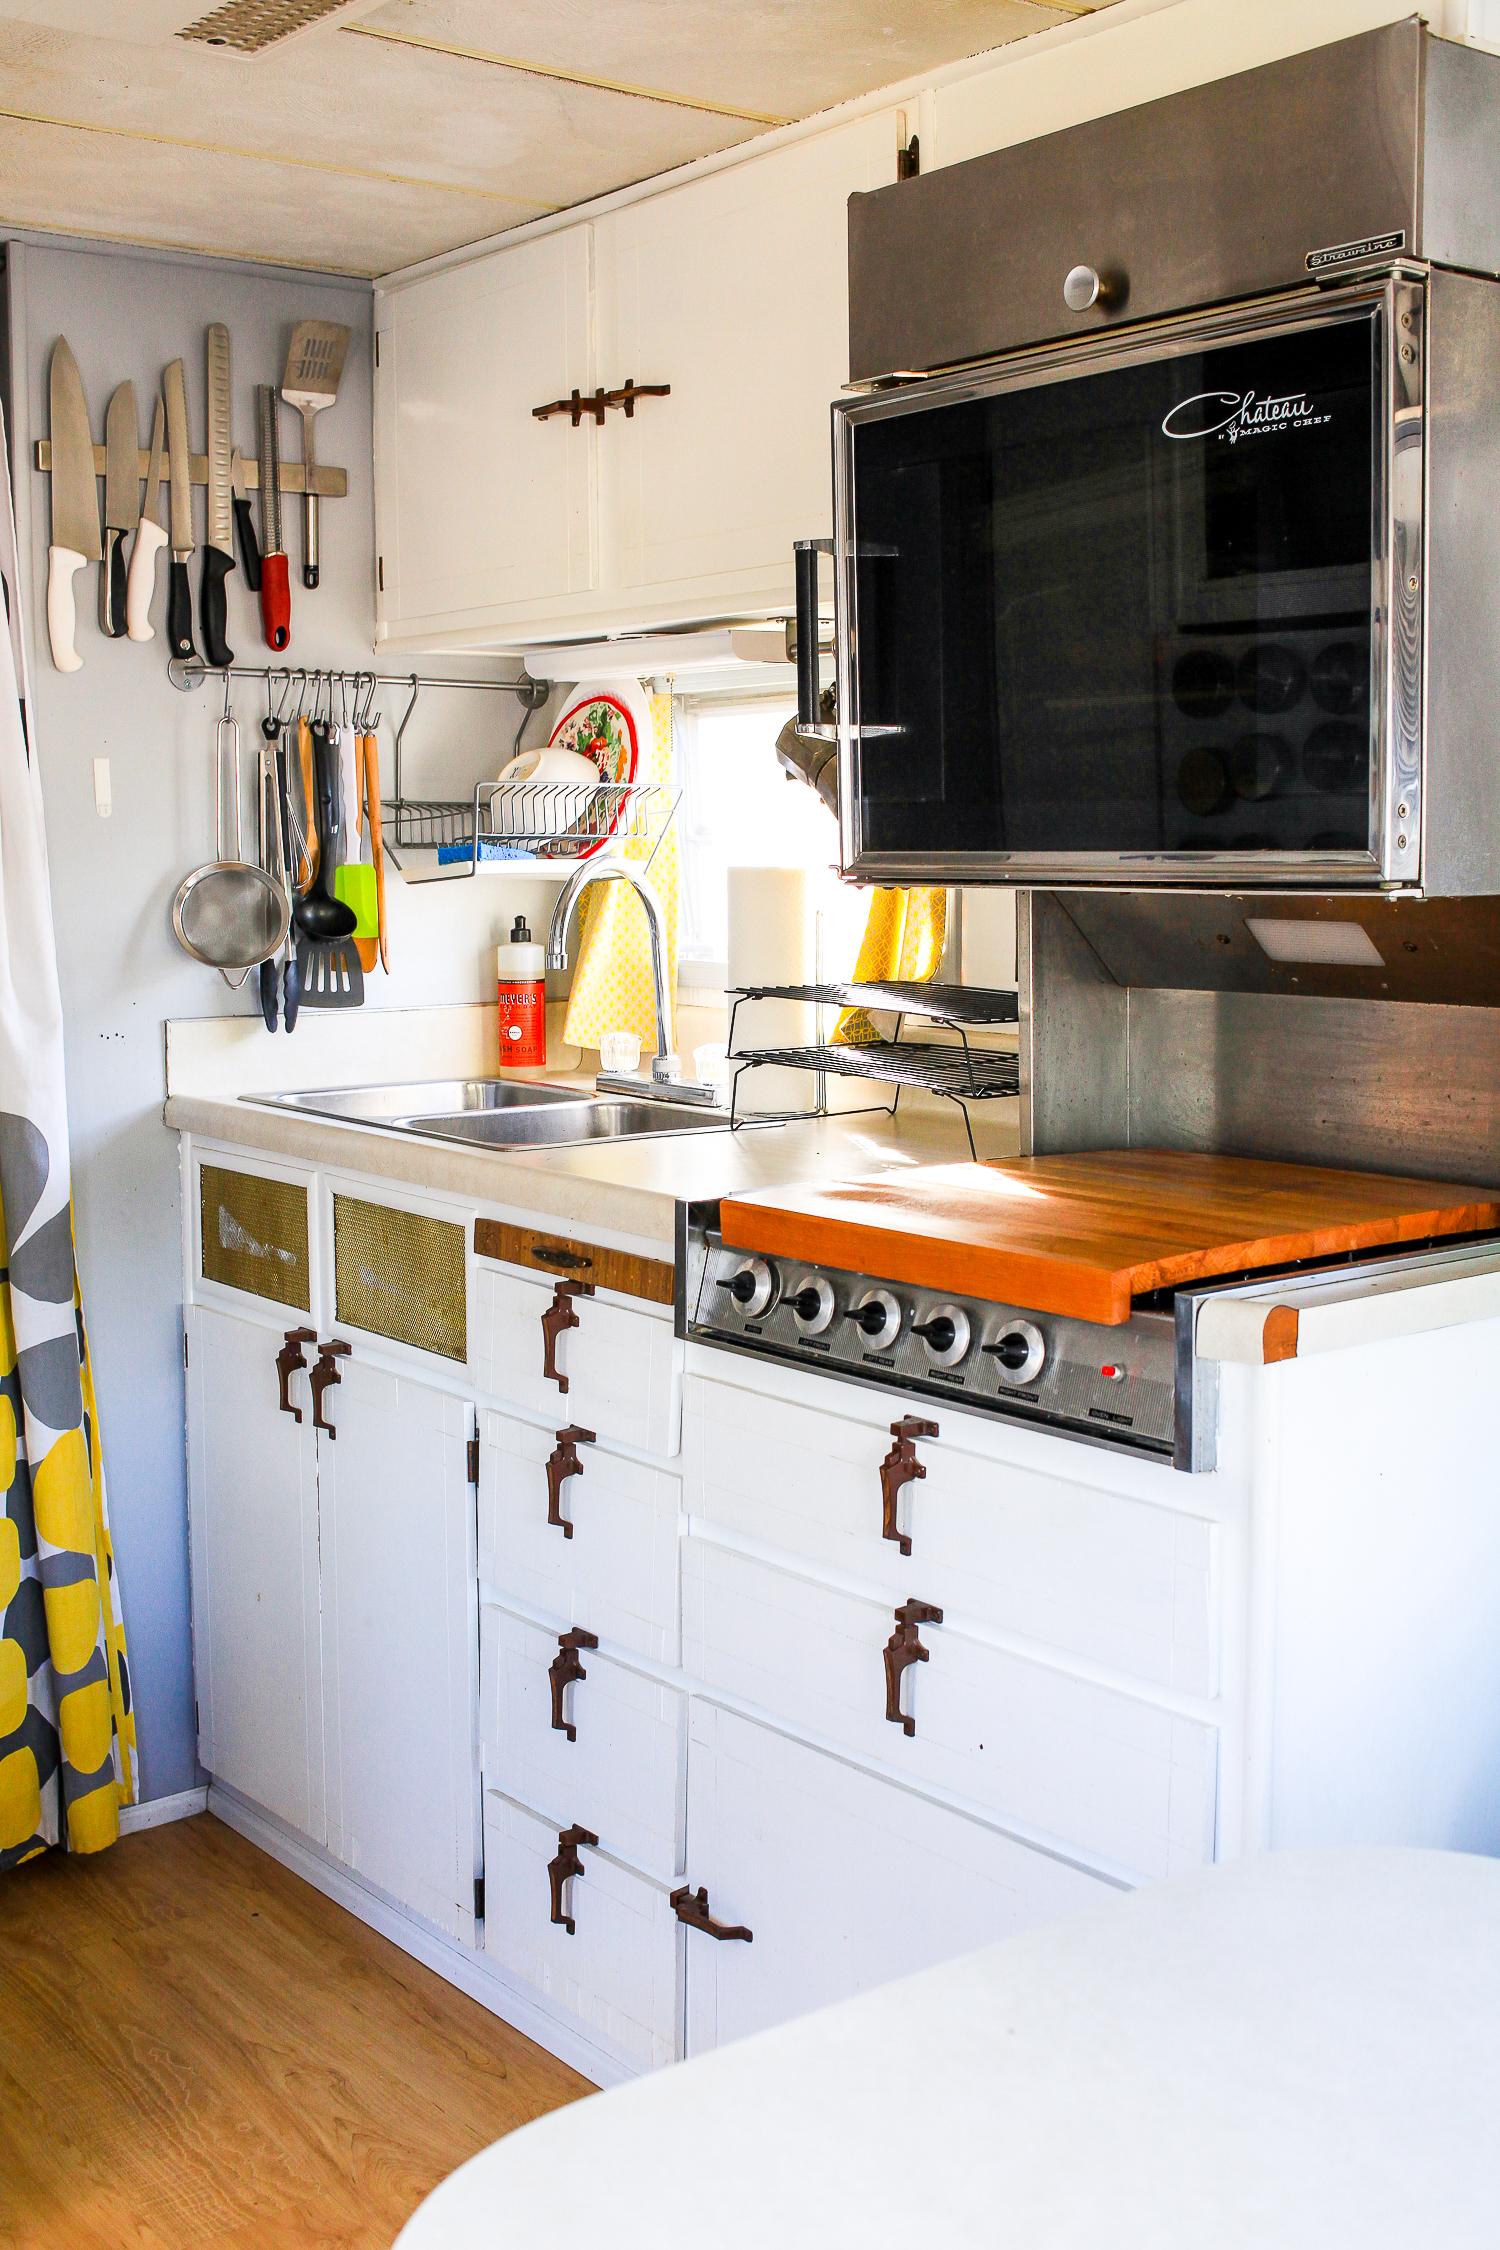 tirer le meilleur parti d'une petite cuisine 008